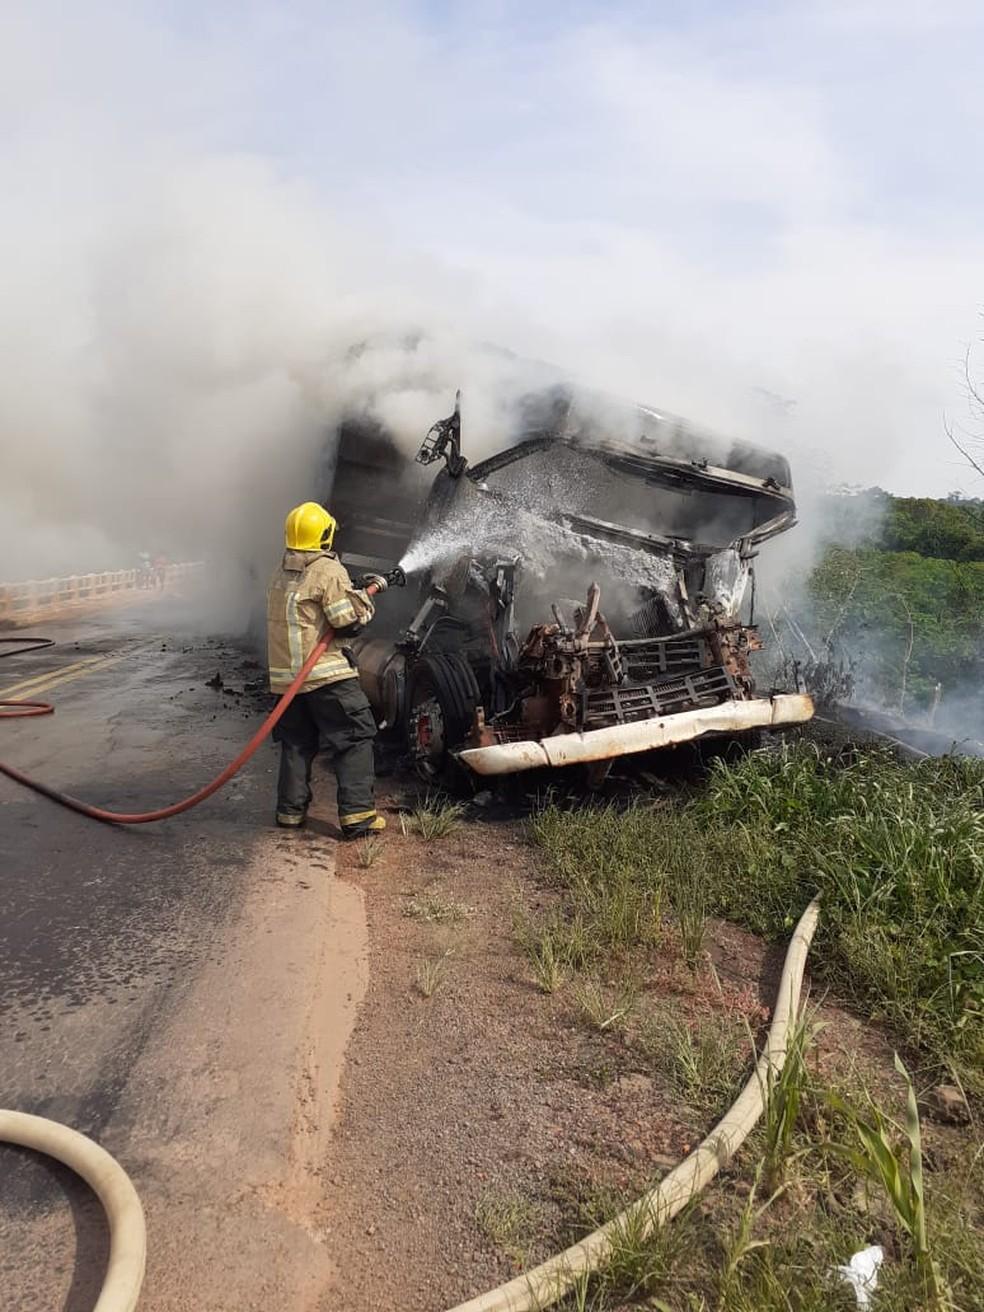 Bombeiros trabalham no combate às chamas — Foto: Reprodução/Redes sociais